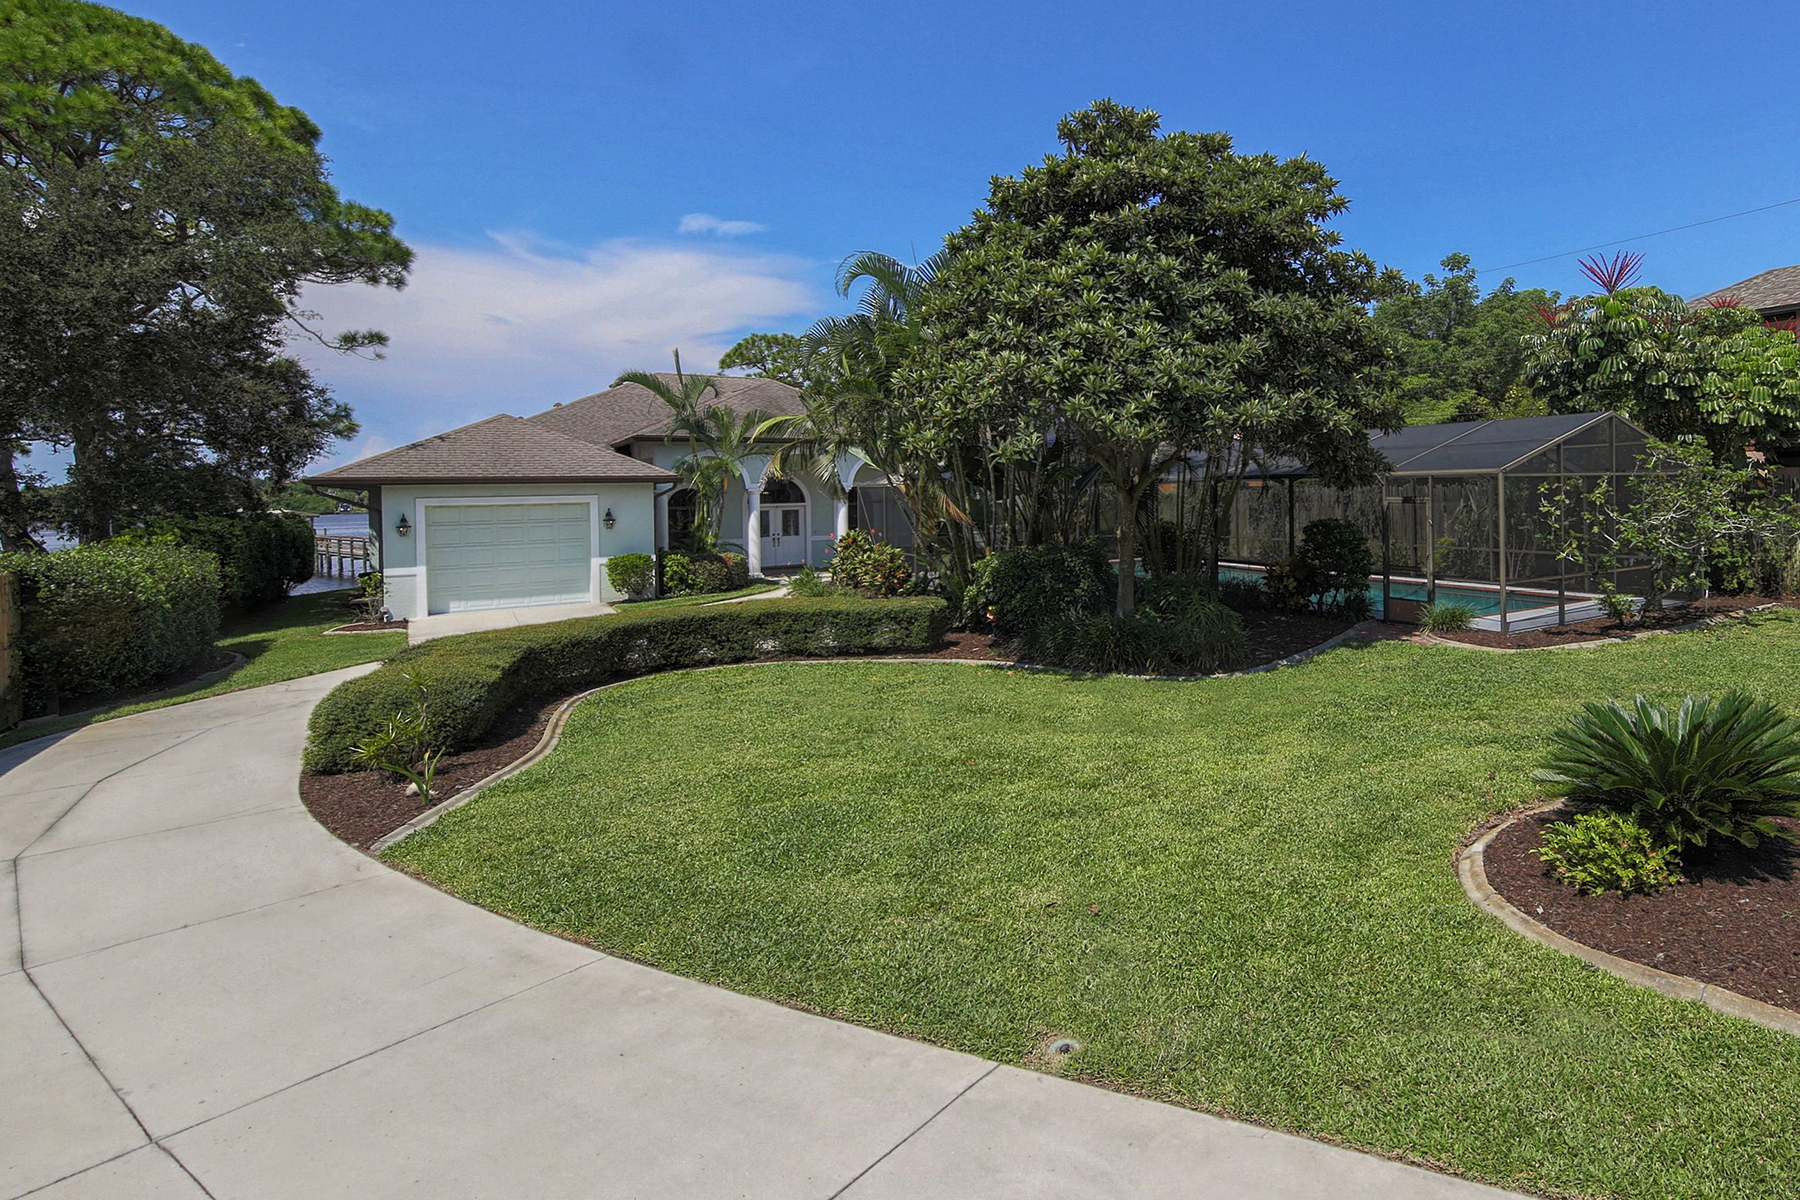 獨棟家庭住宅 為 出售 在 NOKOMIS 2315 Bayshore Rd Nokomis, 佛羅里達州 34275 美國